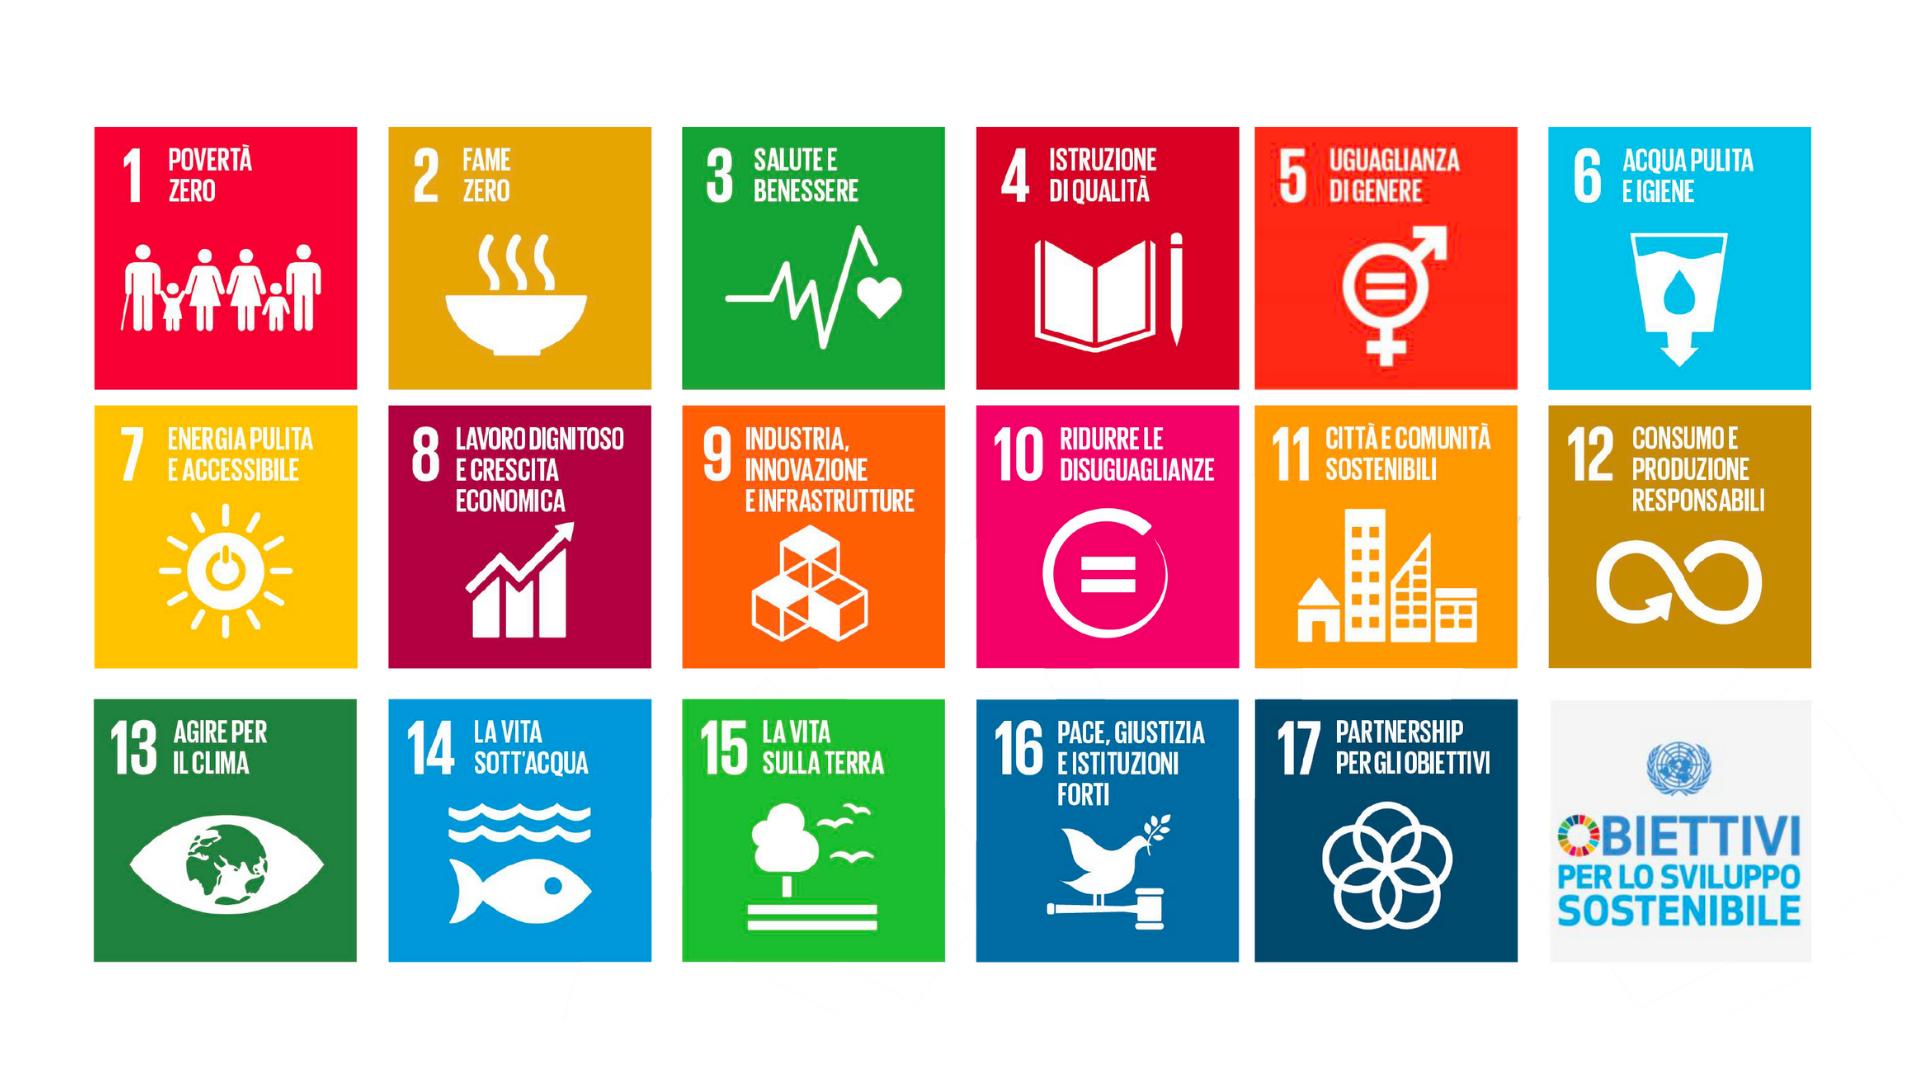 MediterranEU-Agenda-2030-obiettivi-sviluppo-sostenibile